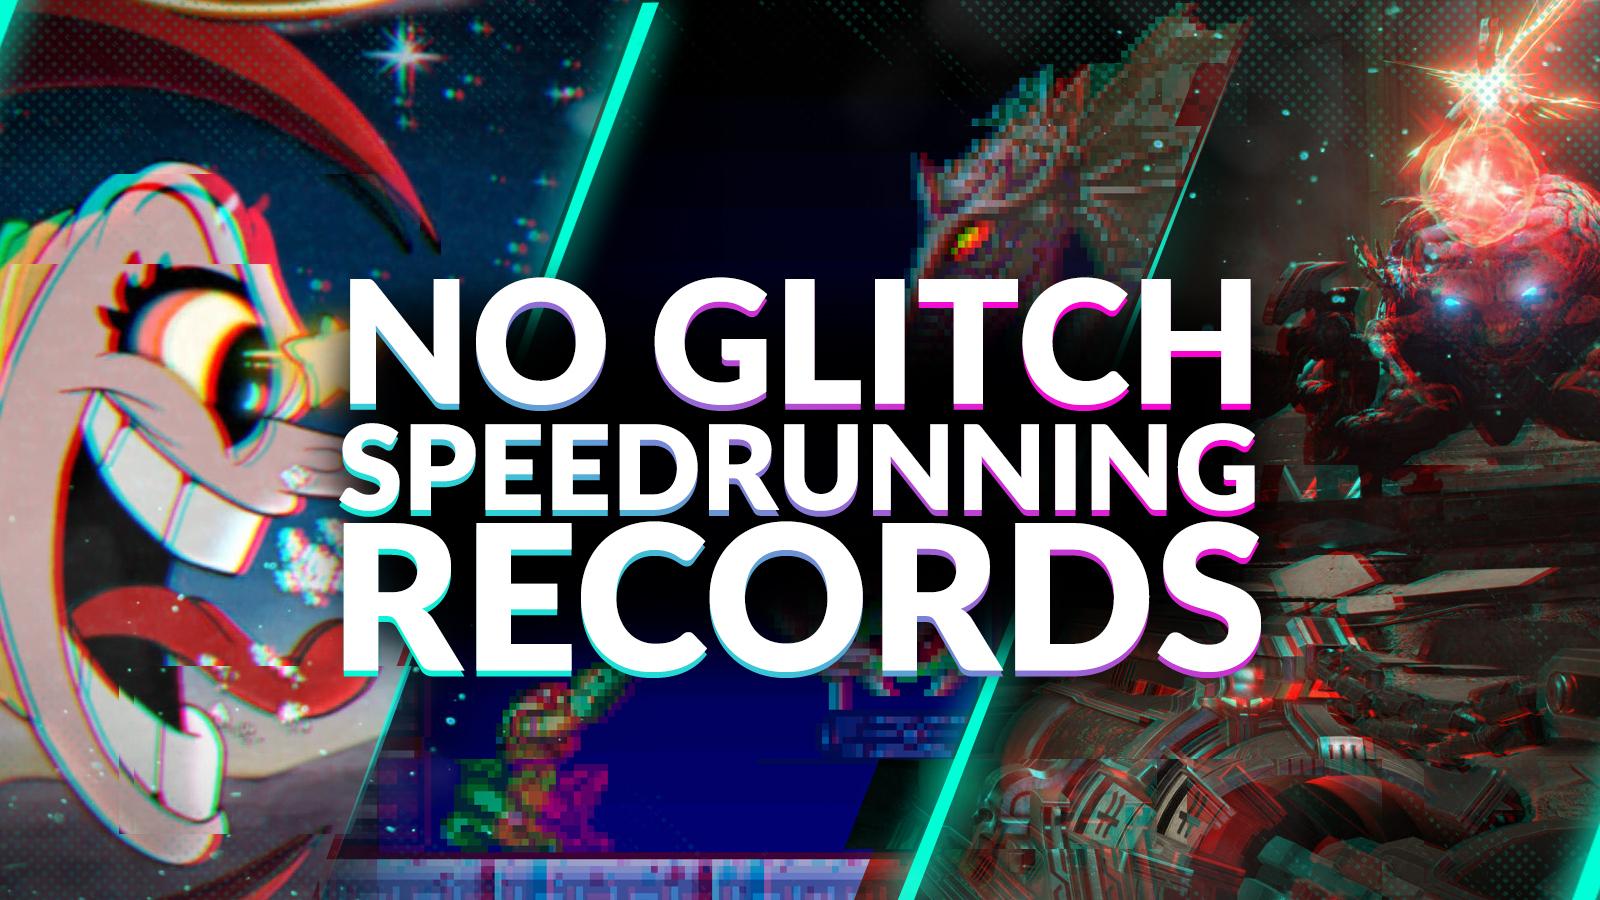 No glitch speedrunning records